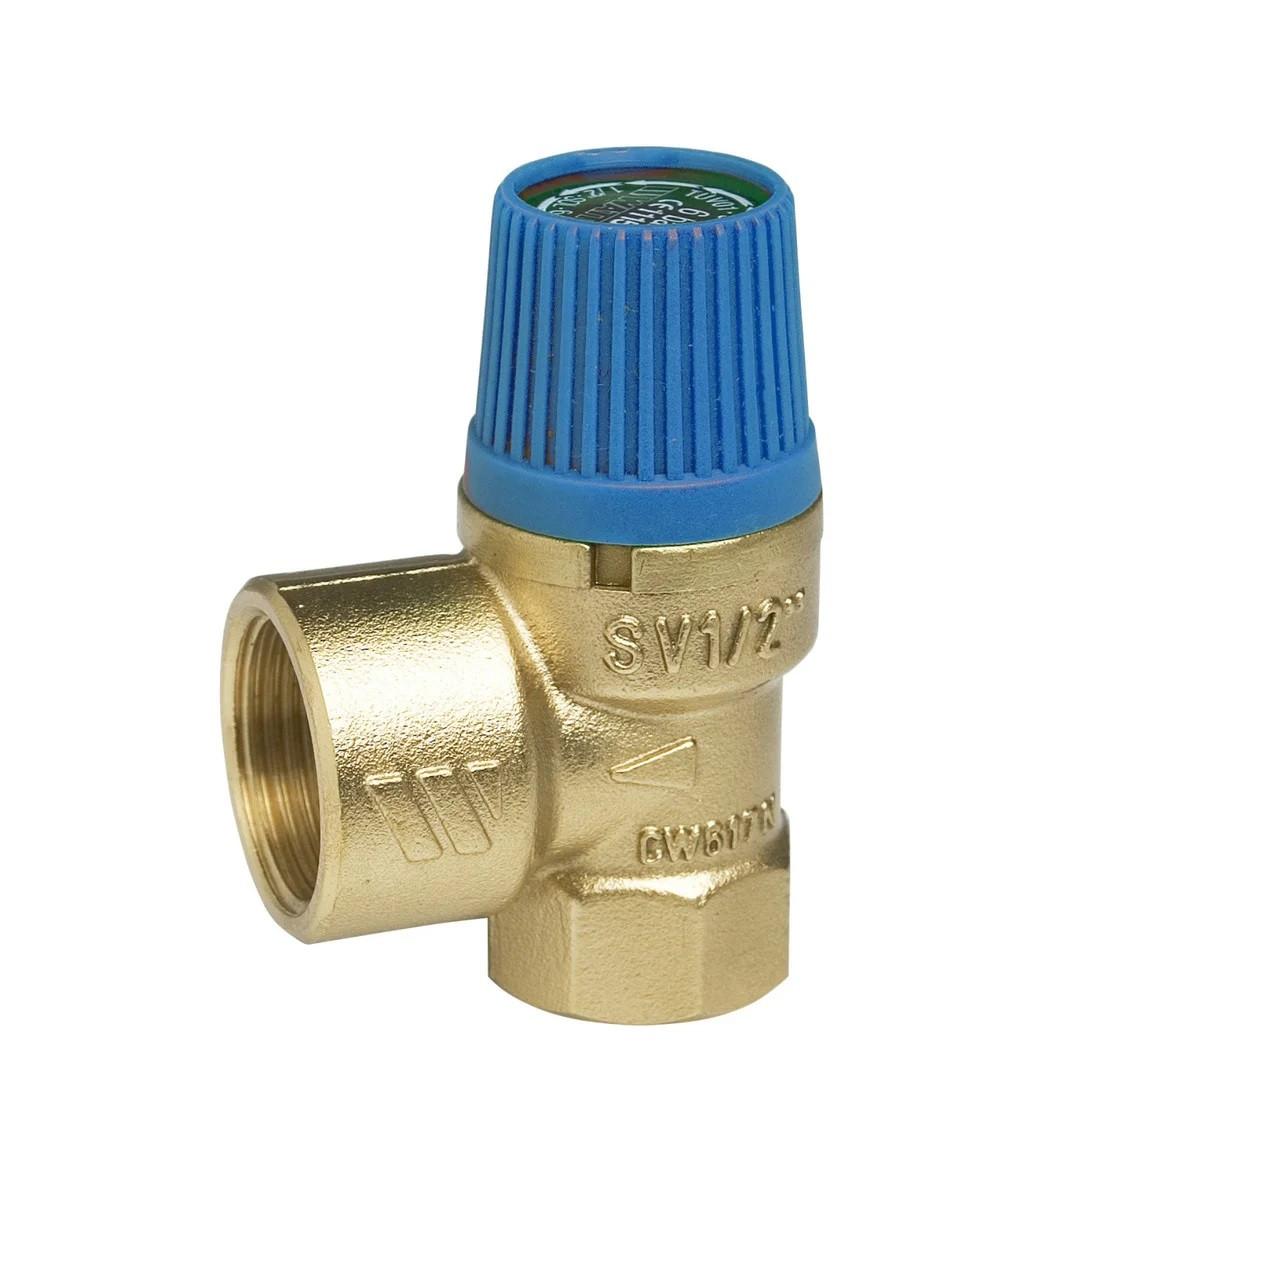 Предохранительный клапан Watts SVW 8 bar 3/4